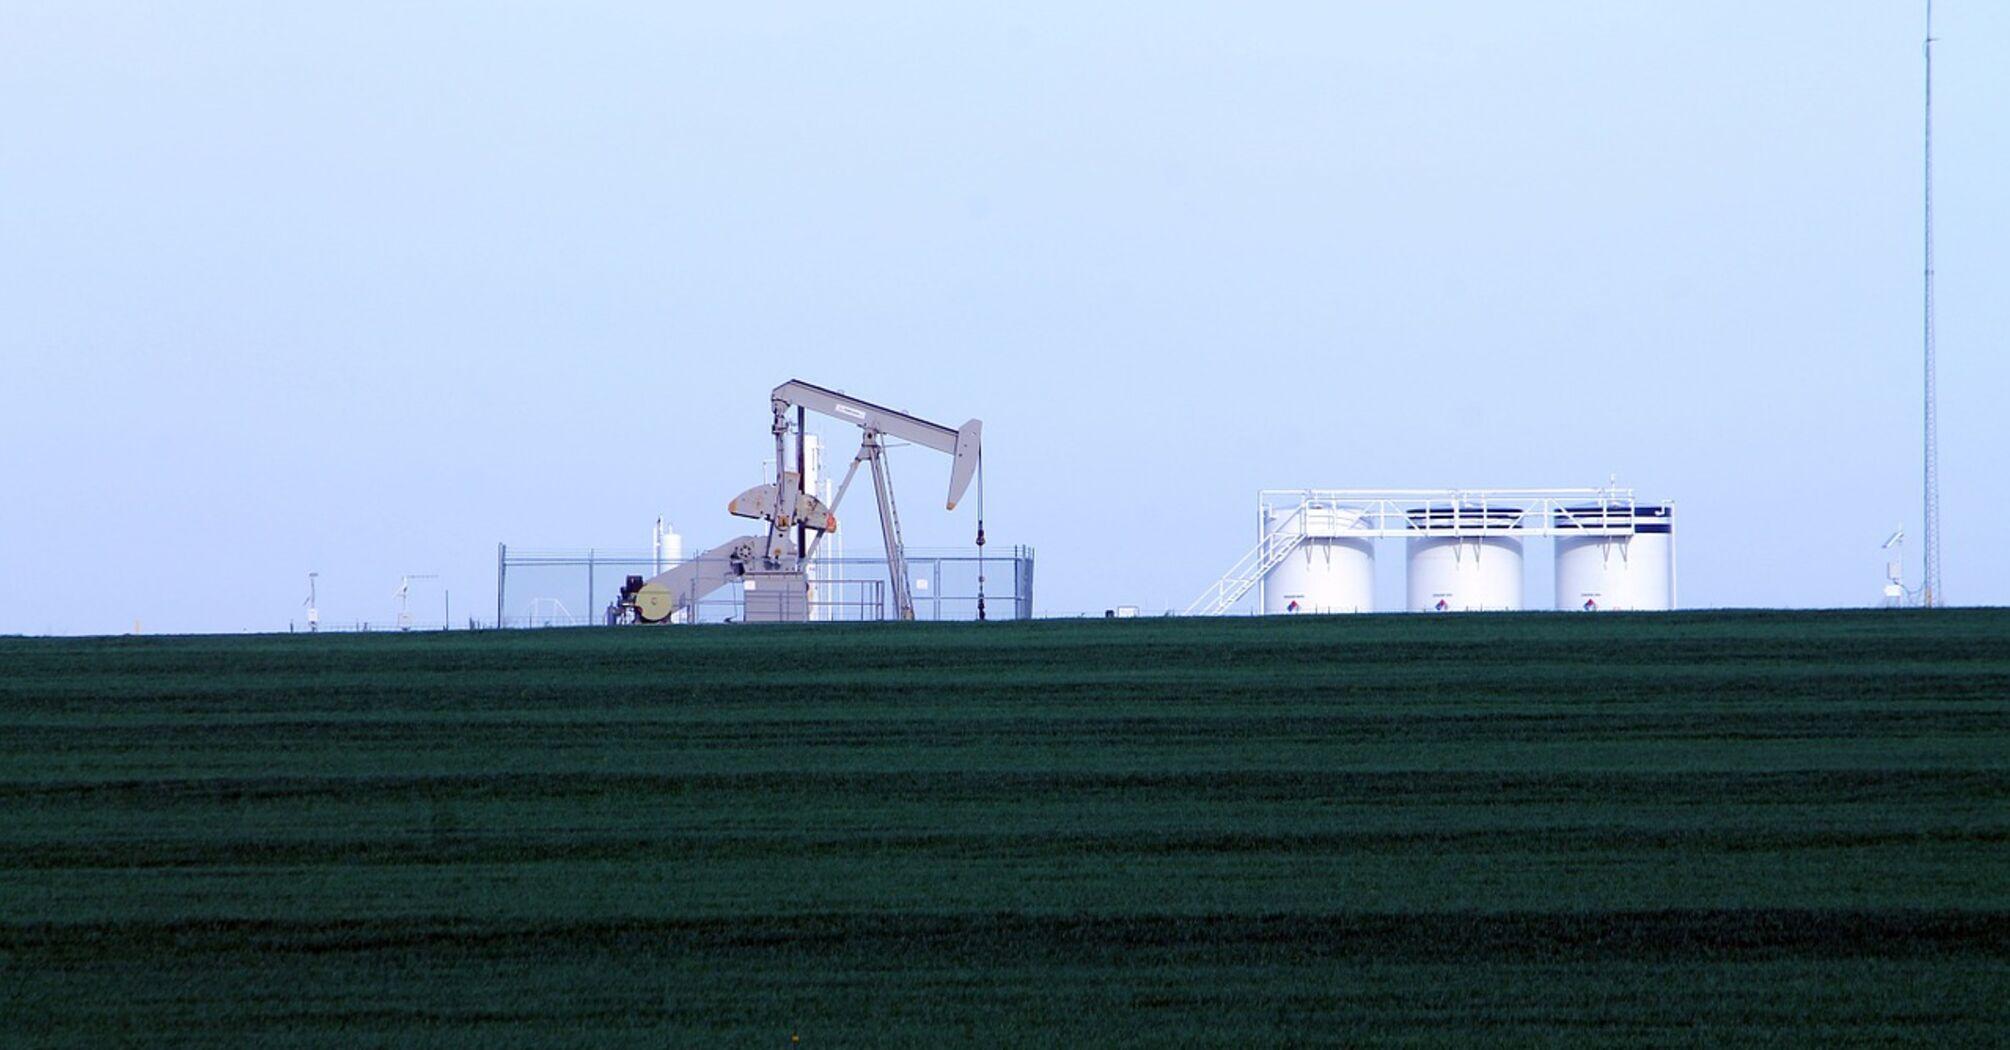 Ціни на нафту досягли нової позначки: скільки коштує барель